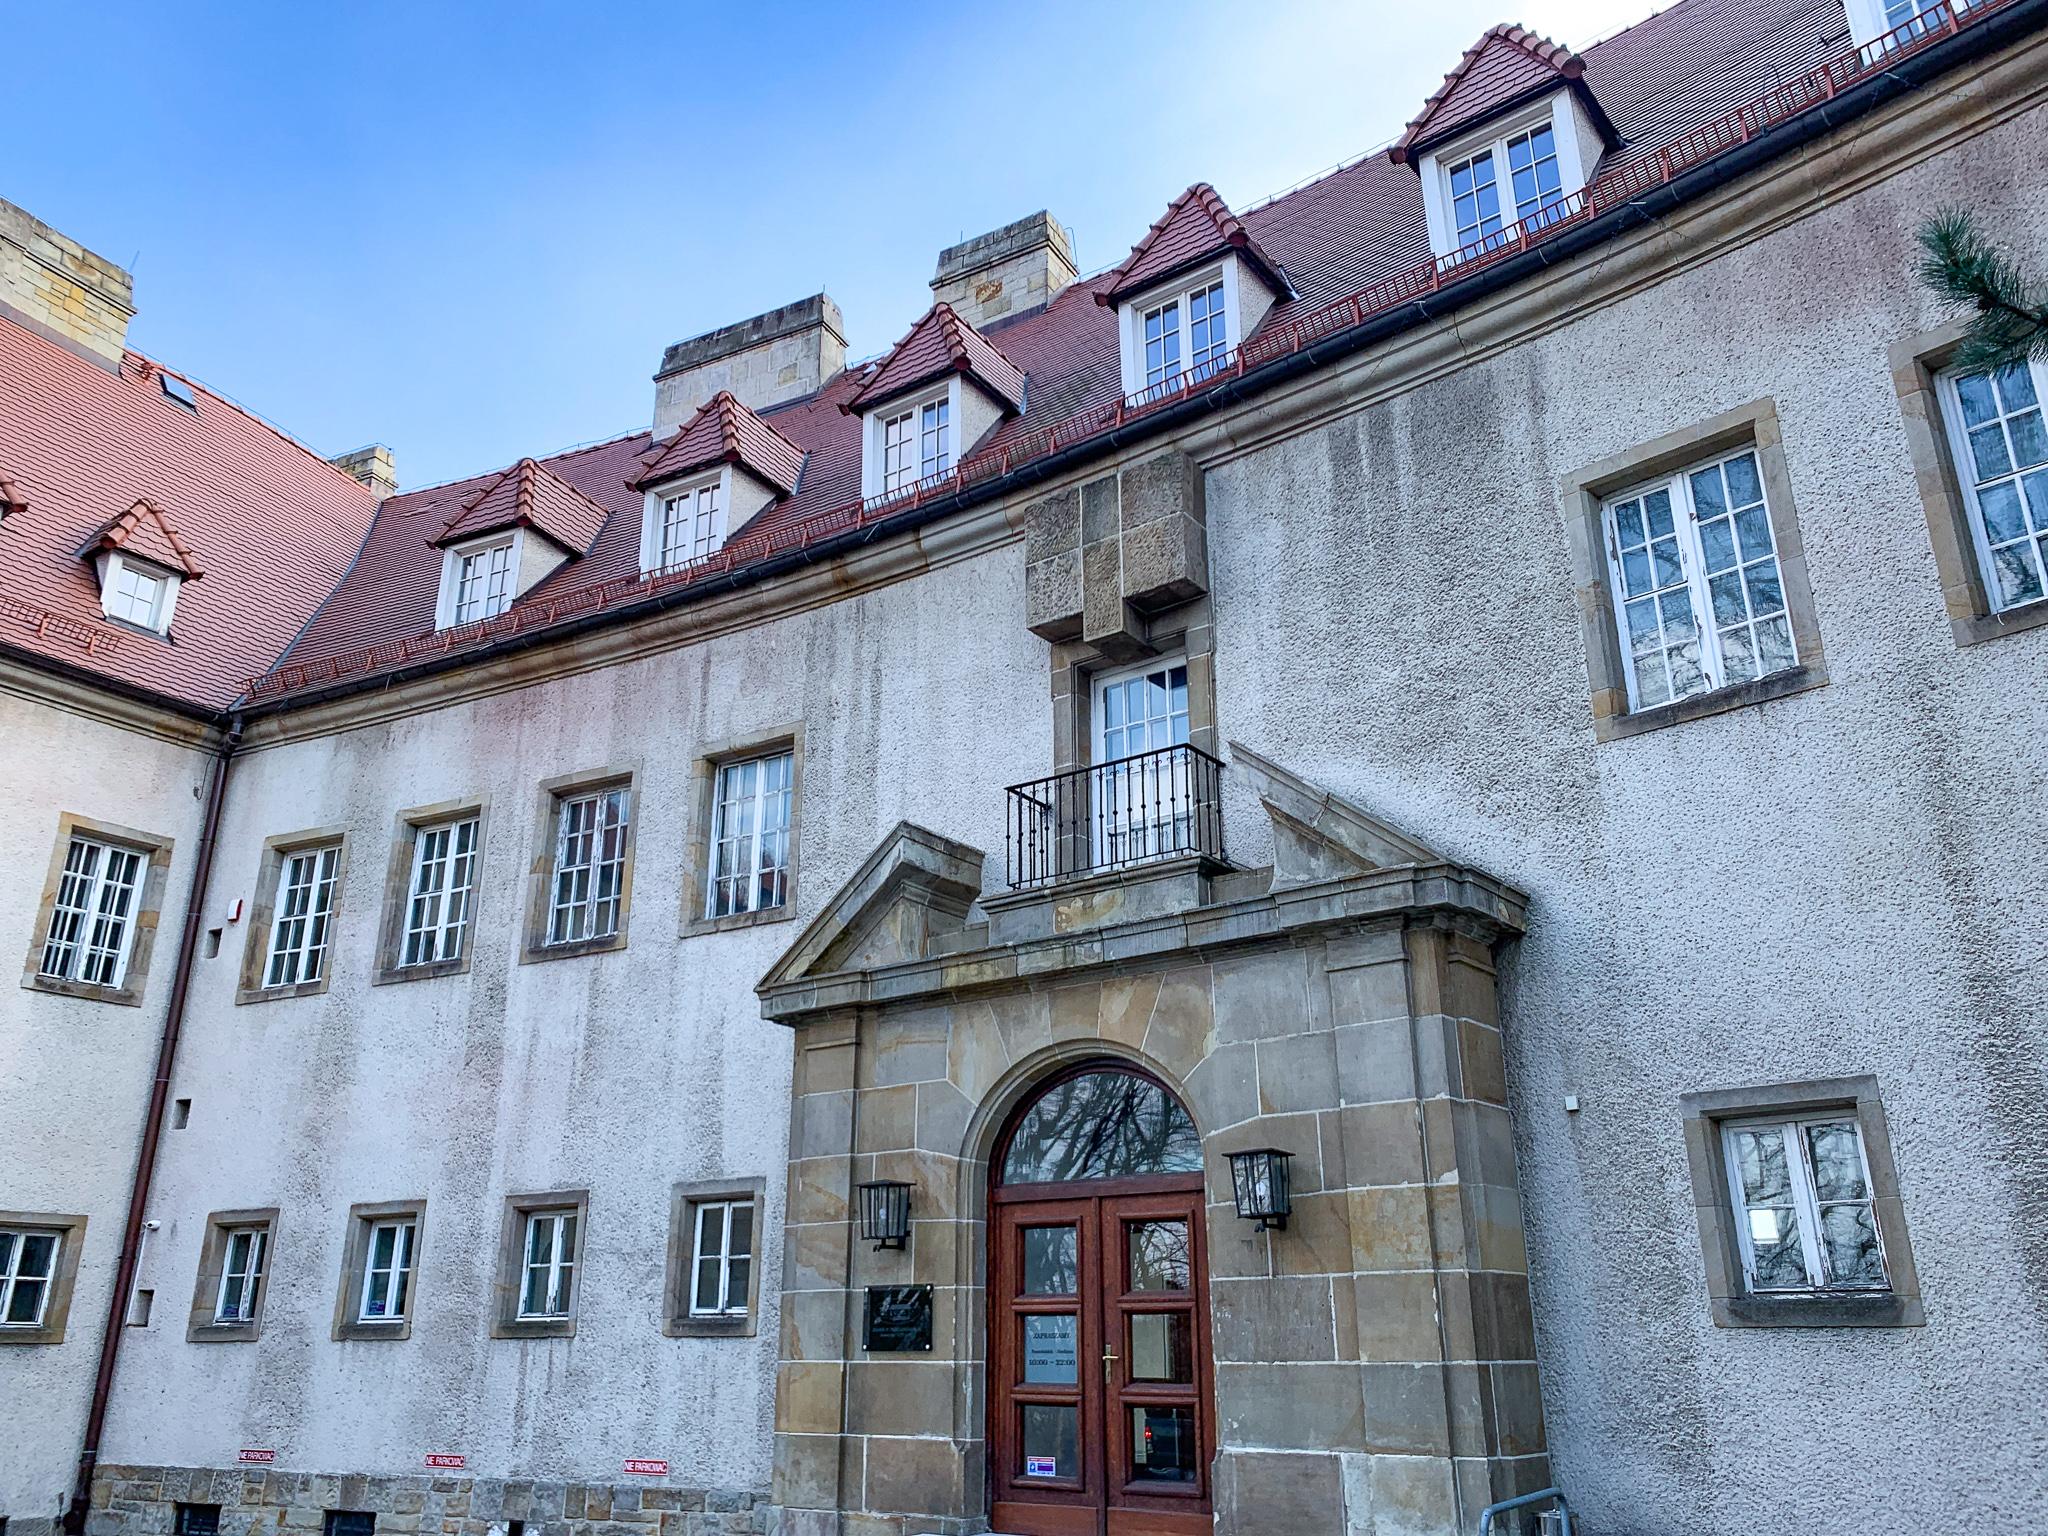 Zamek w Przegorzałach, czyli ostatni pomnik architektury III Rzeszy w Krakowie